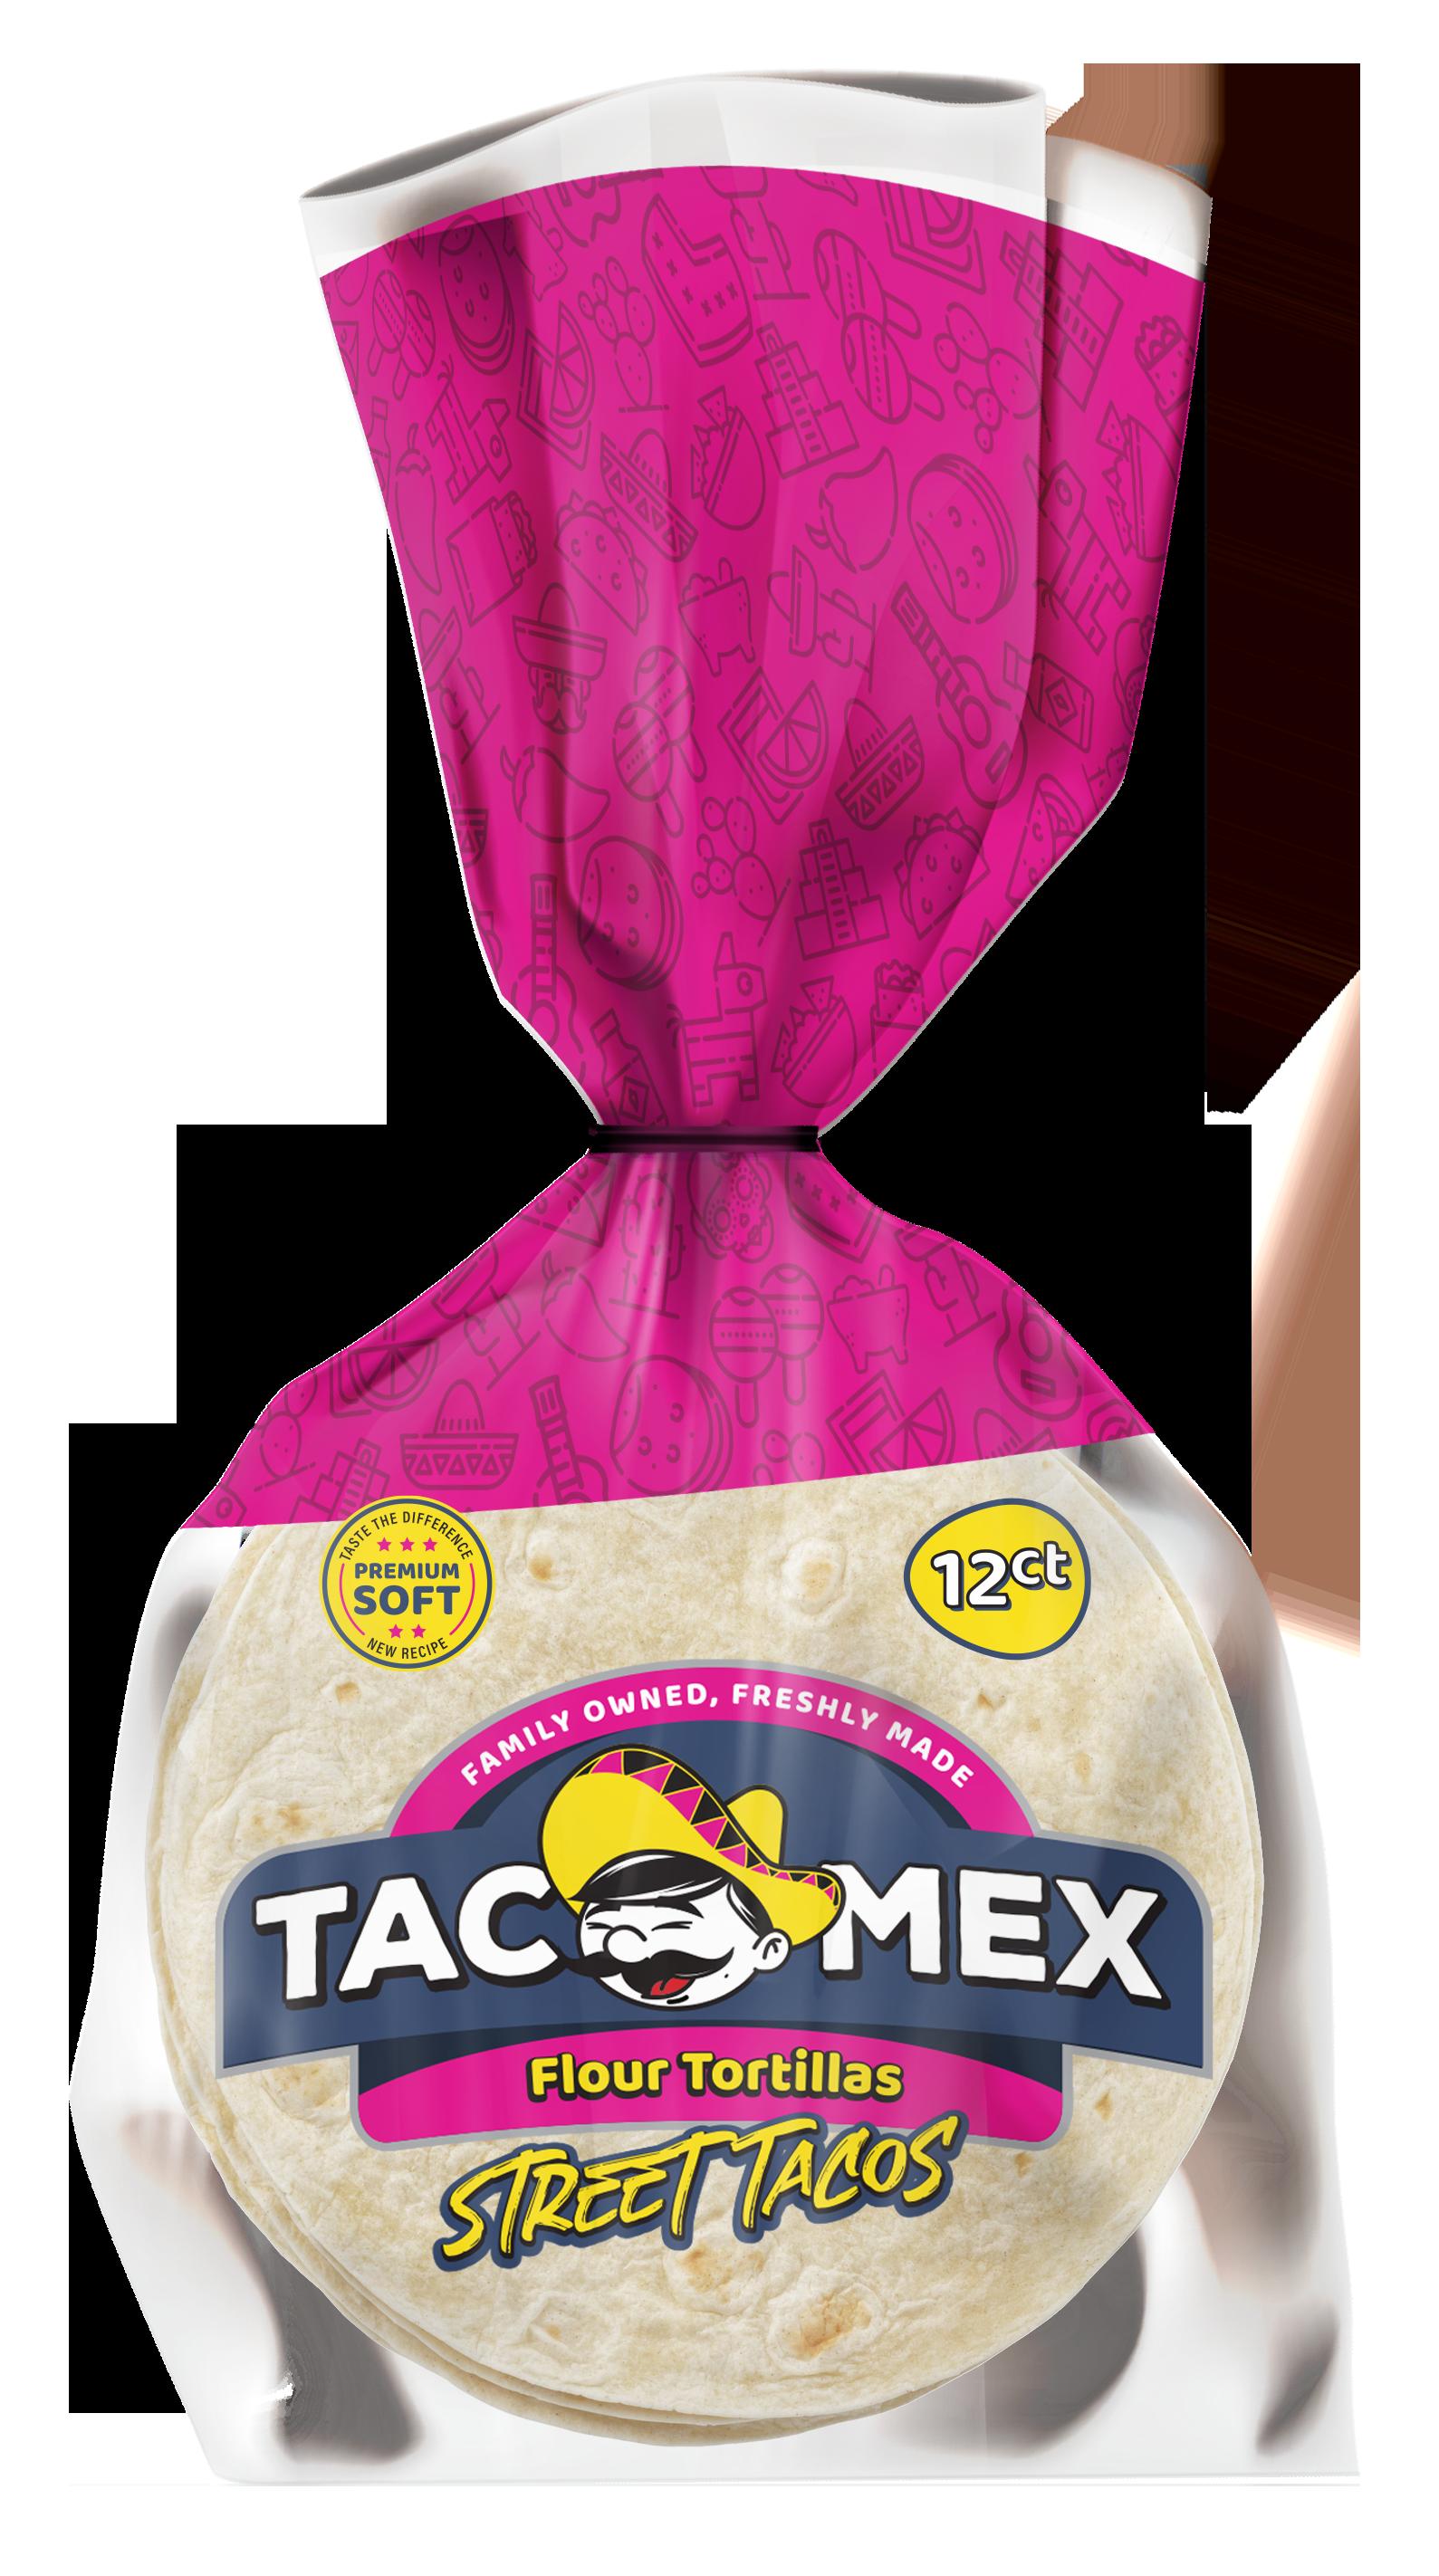 Tacomex street tacos flour tortillas copy